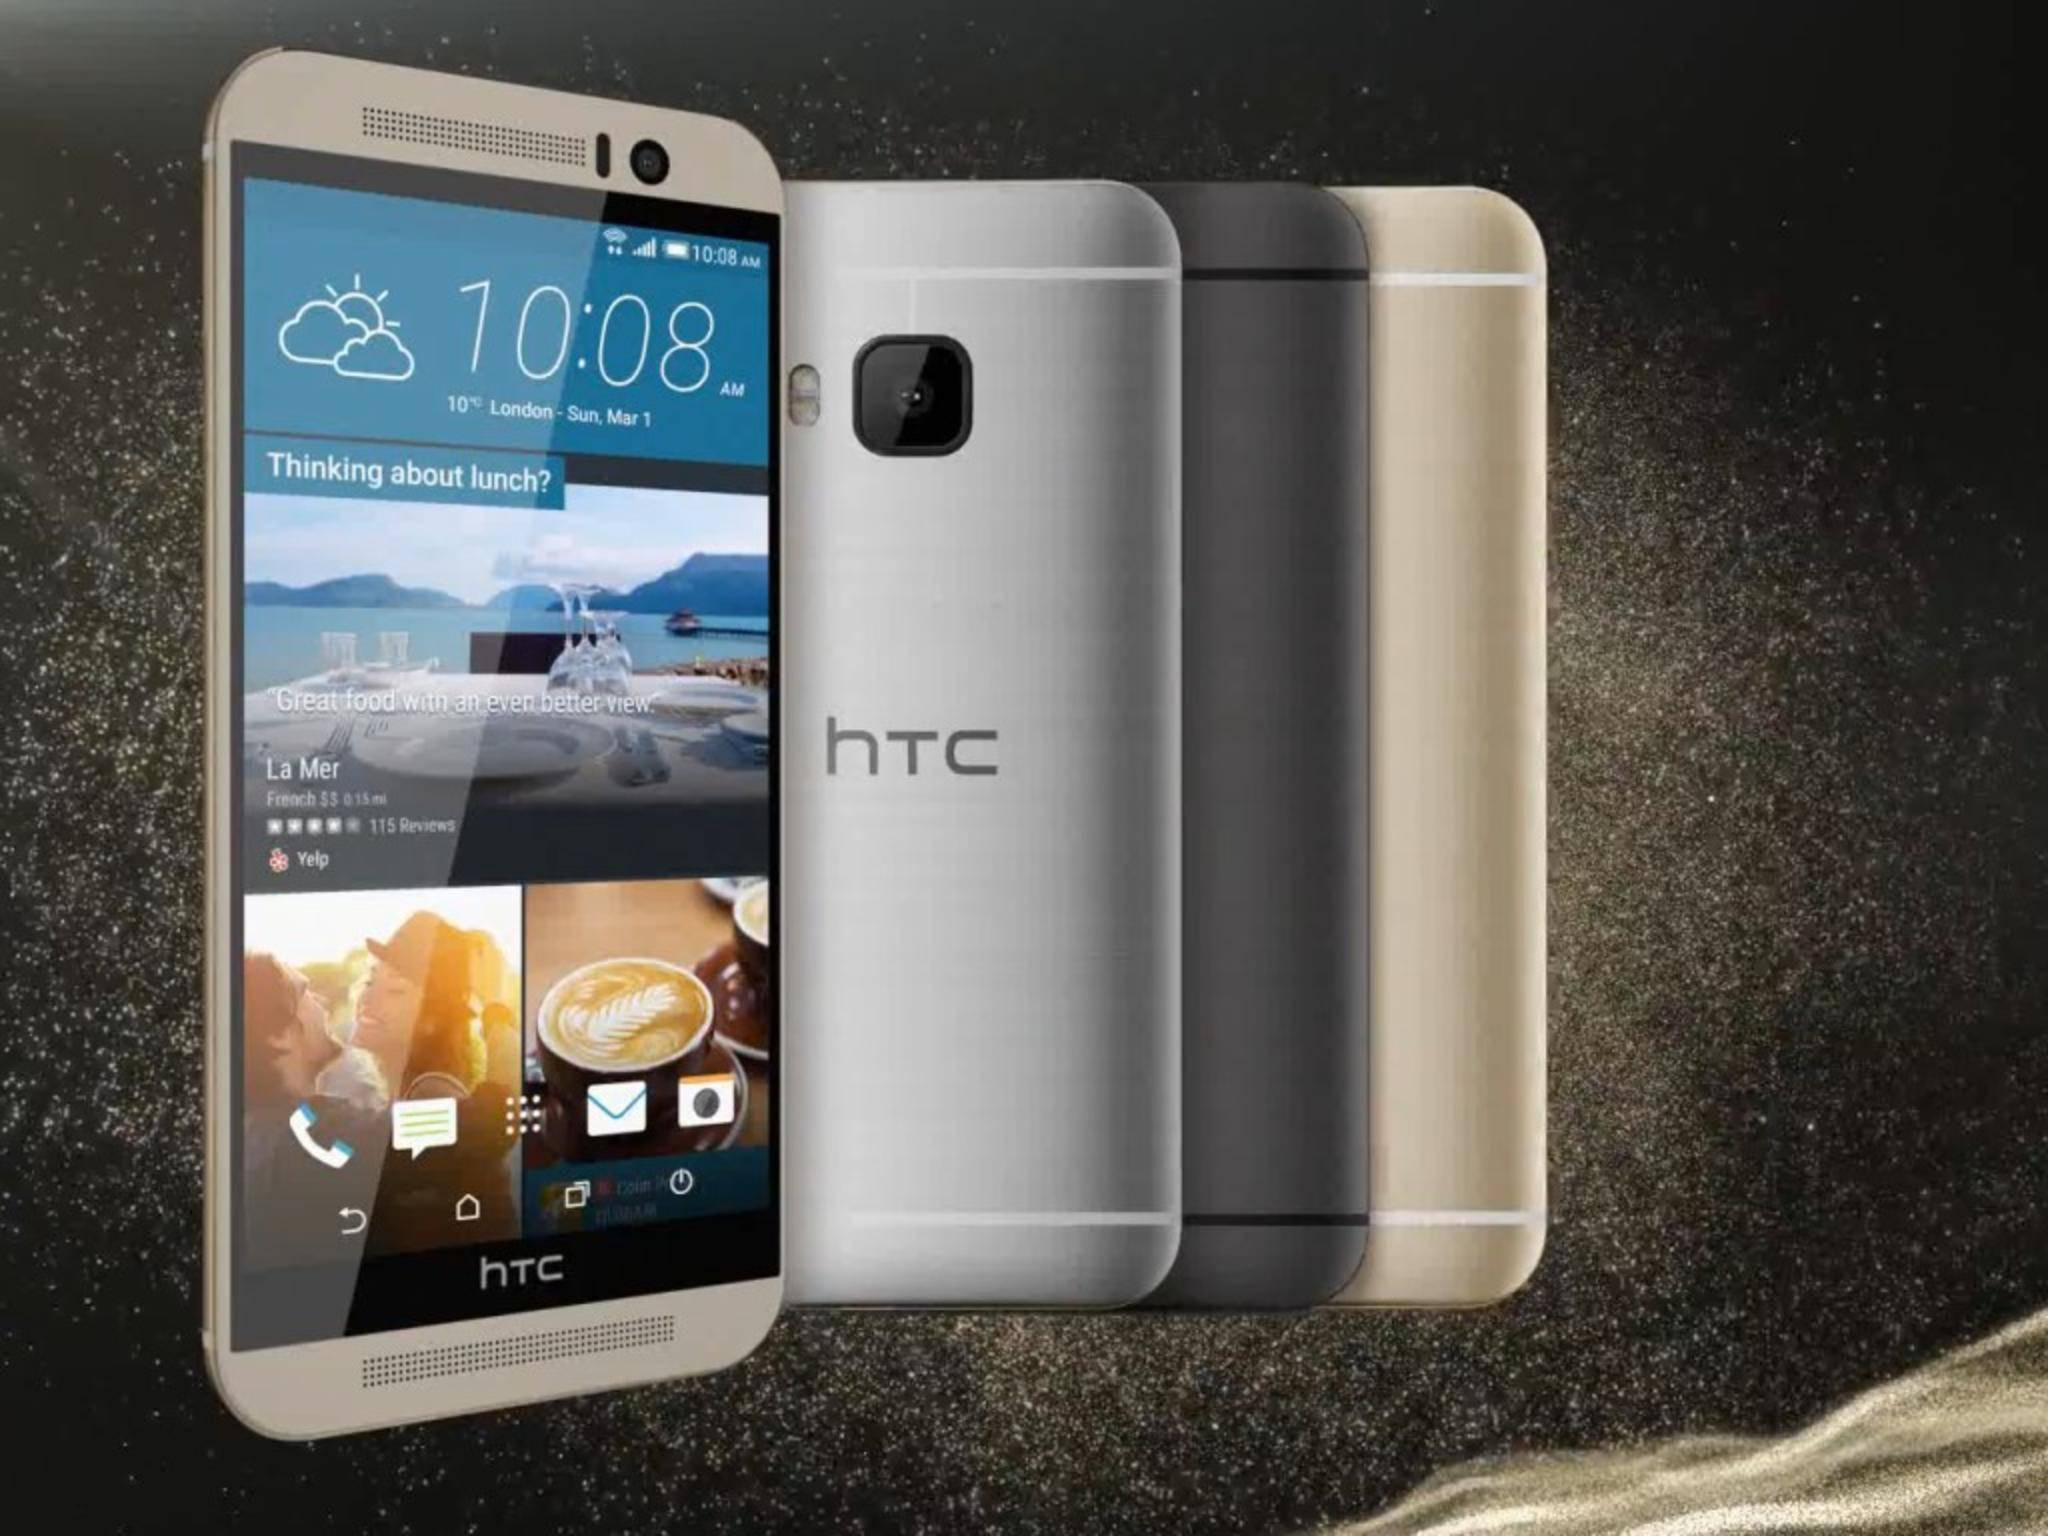 Das ist der Standardlook: Das HTC One M9 kann man aber ganz einfach komplett umgestalten.